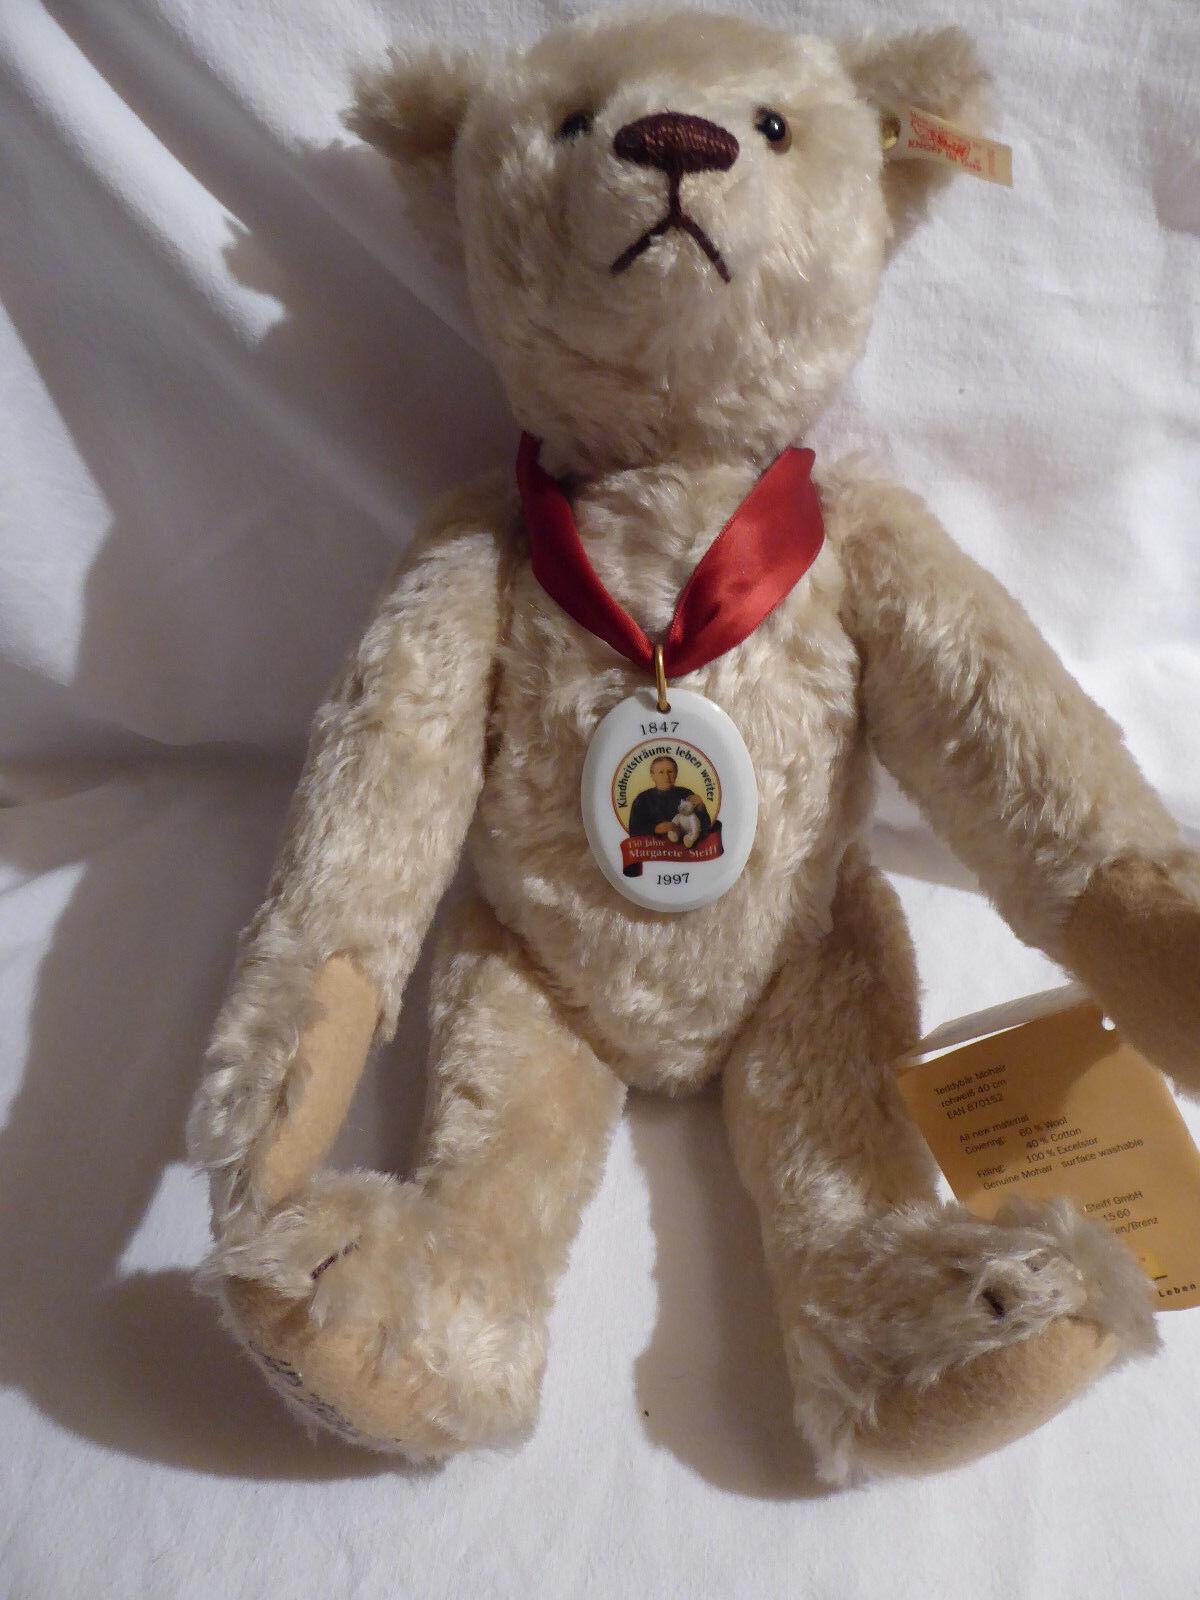 Steiff Teddy Bär 150 Jahre Magarete Magarete Magarete Steiff 663f91